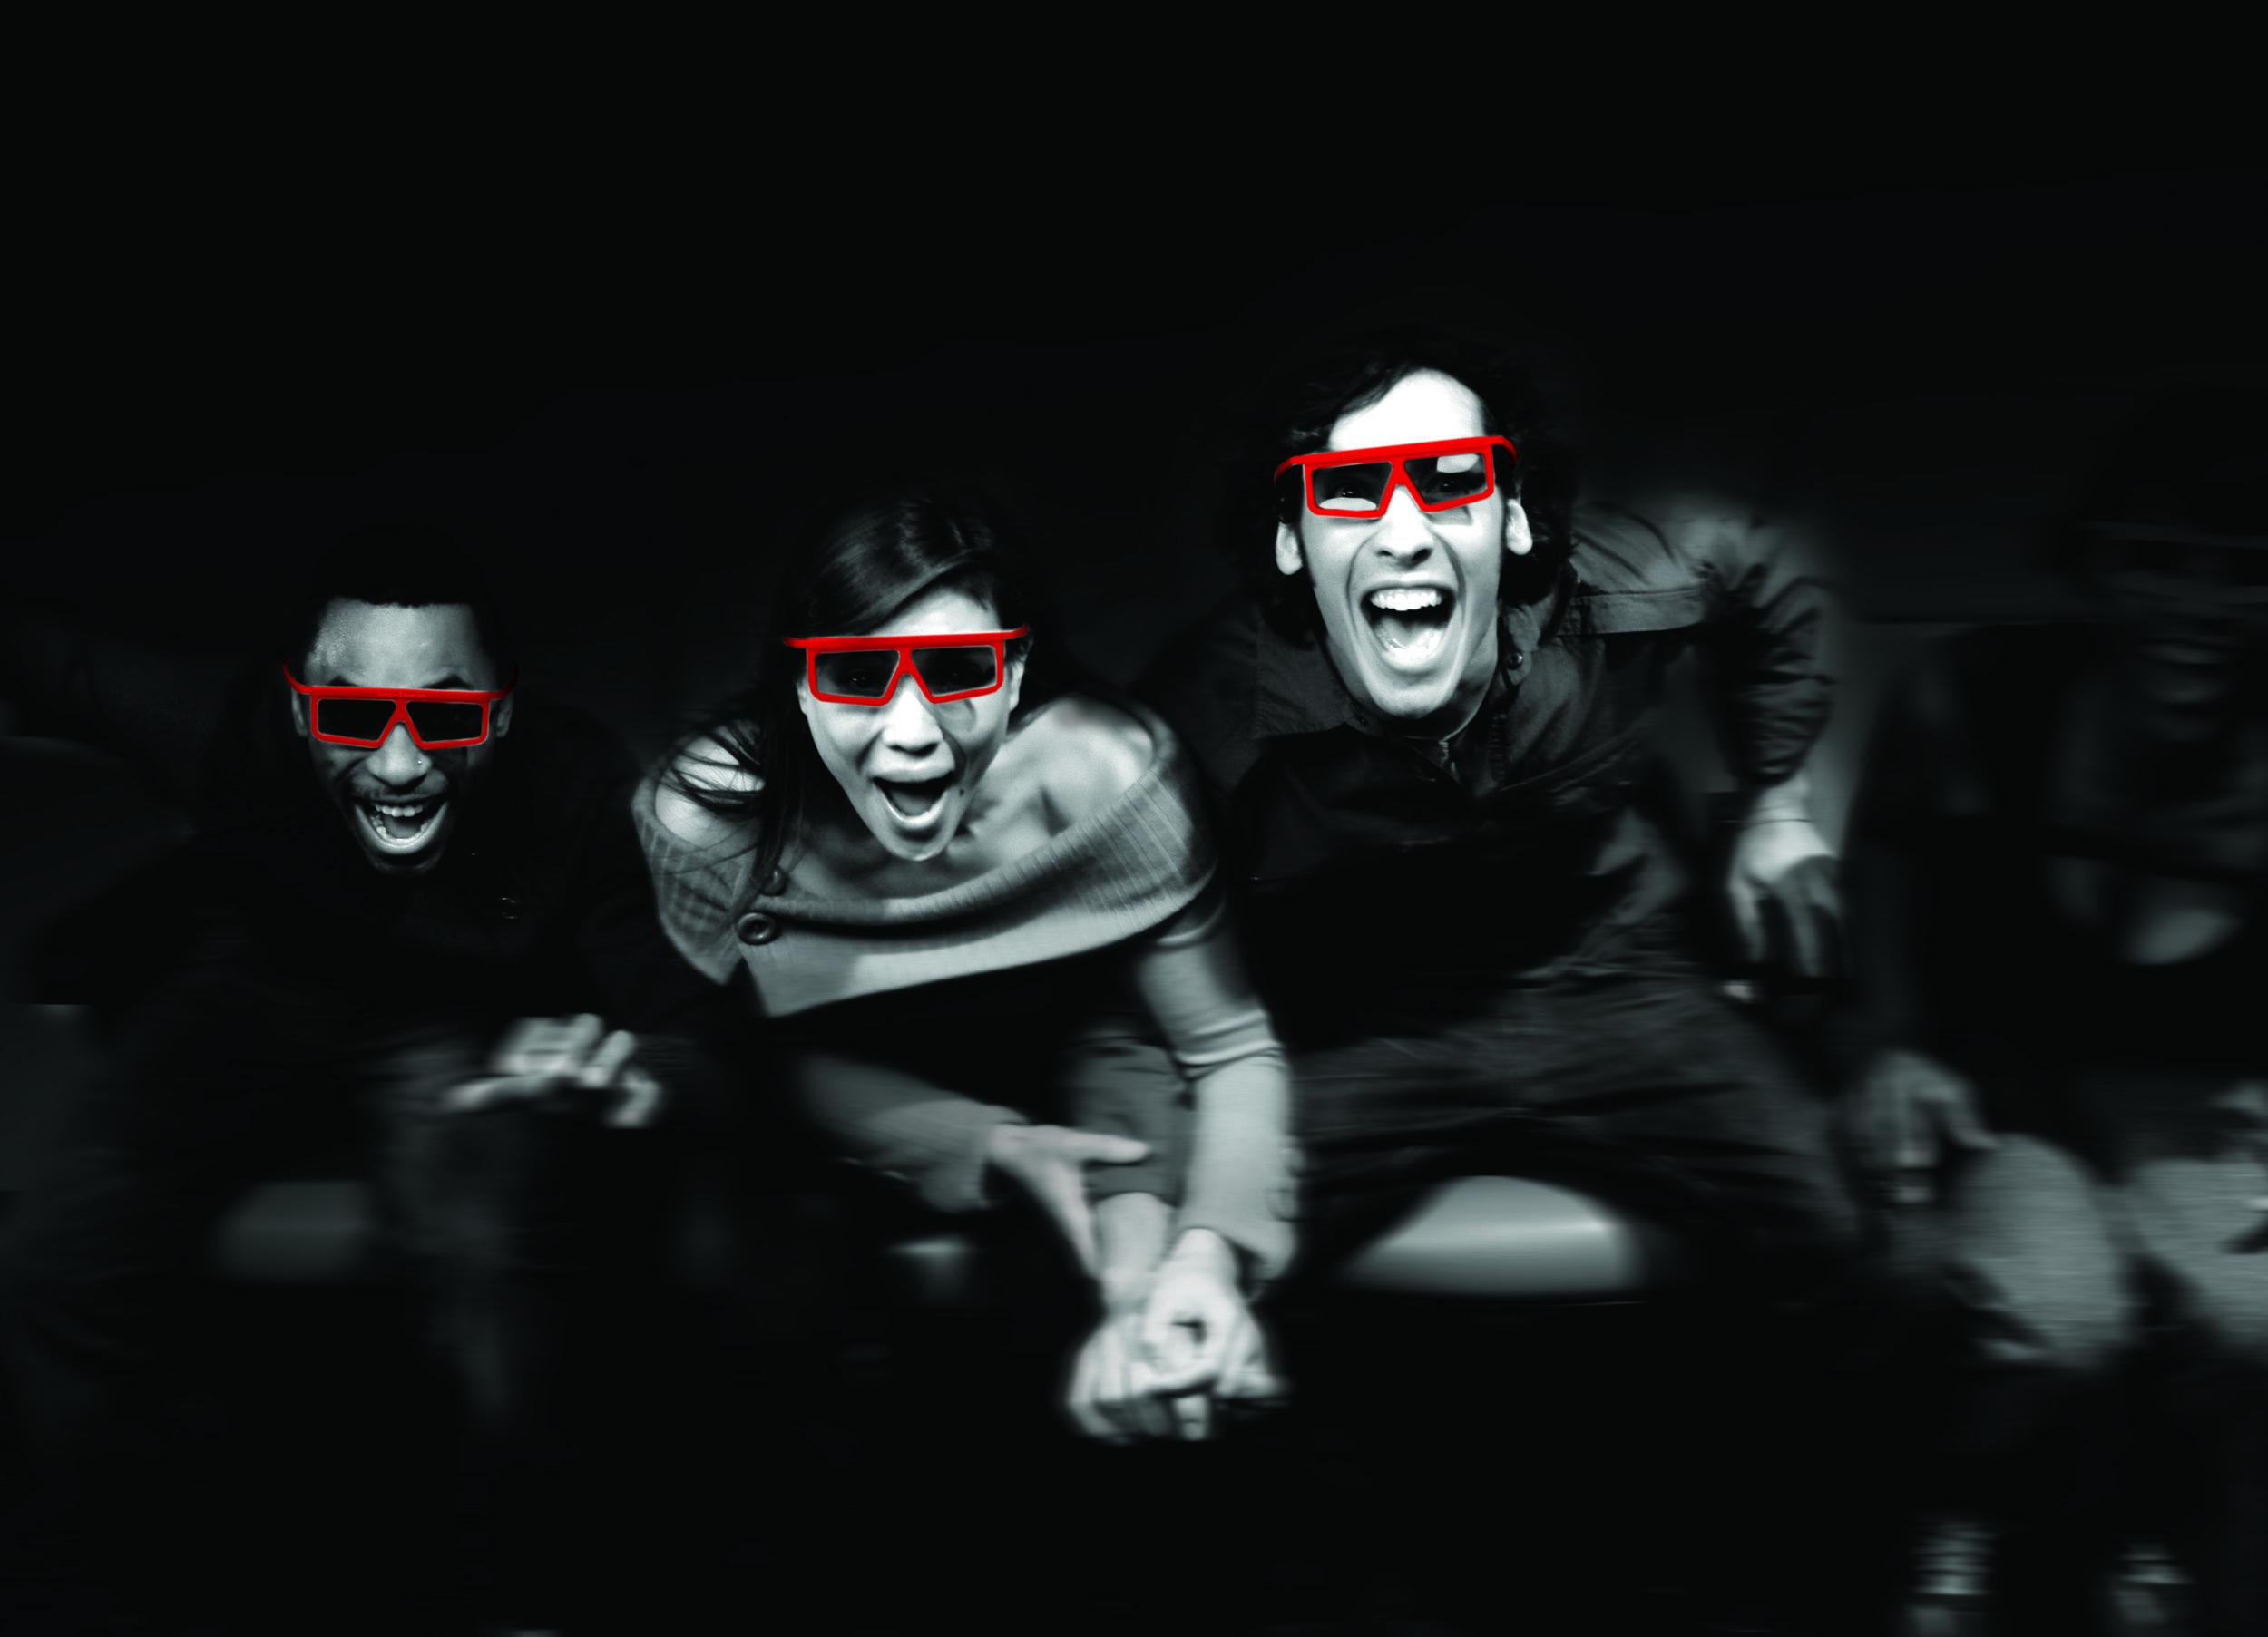 4D Motion Theatre